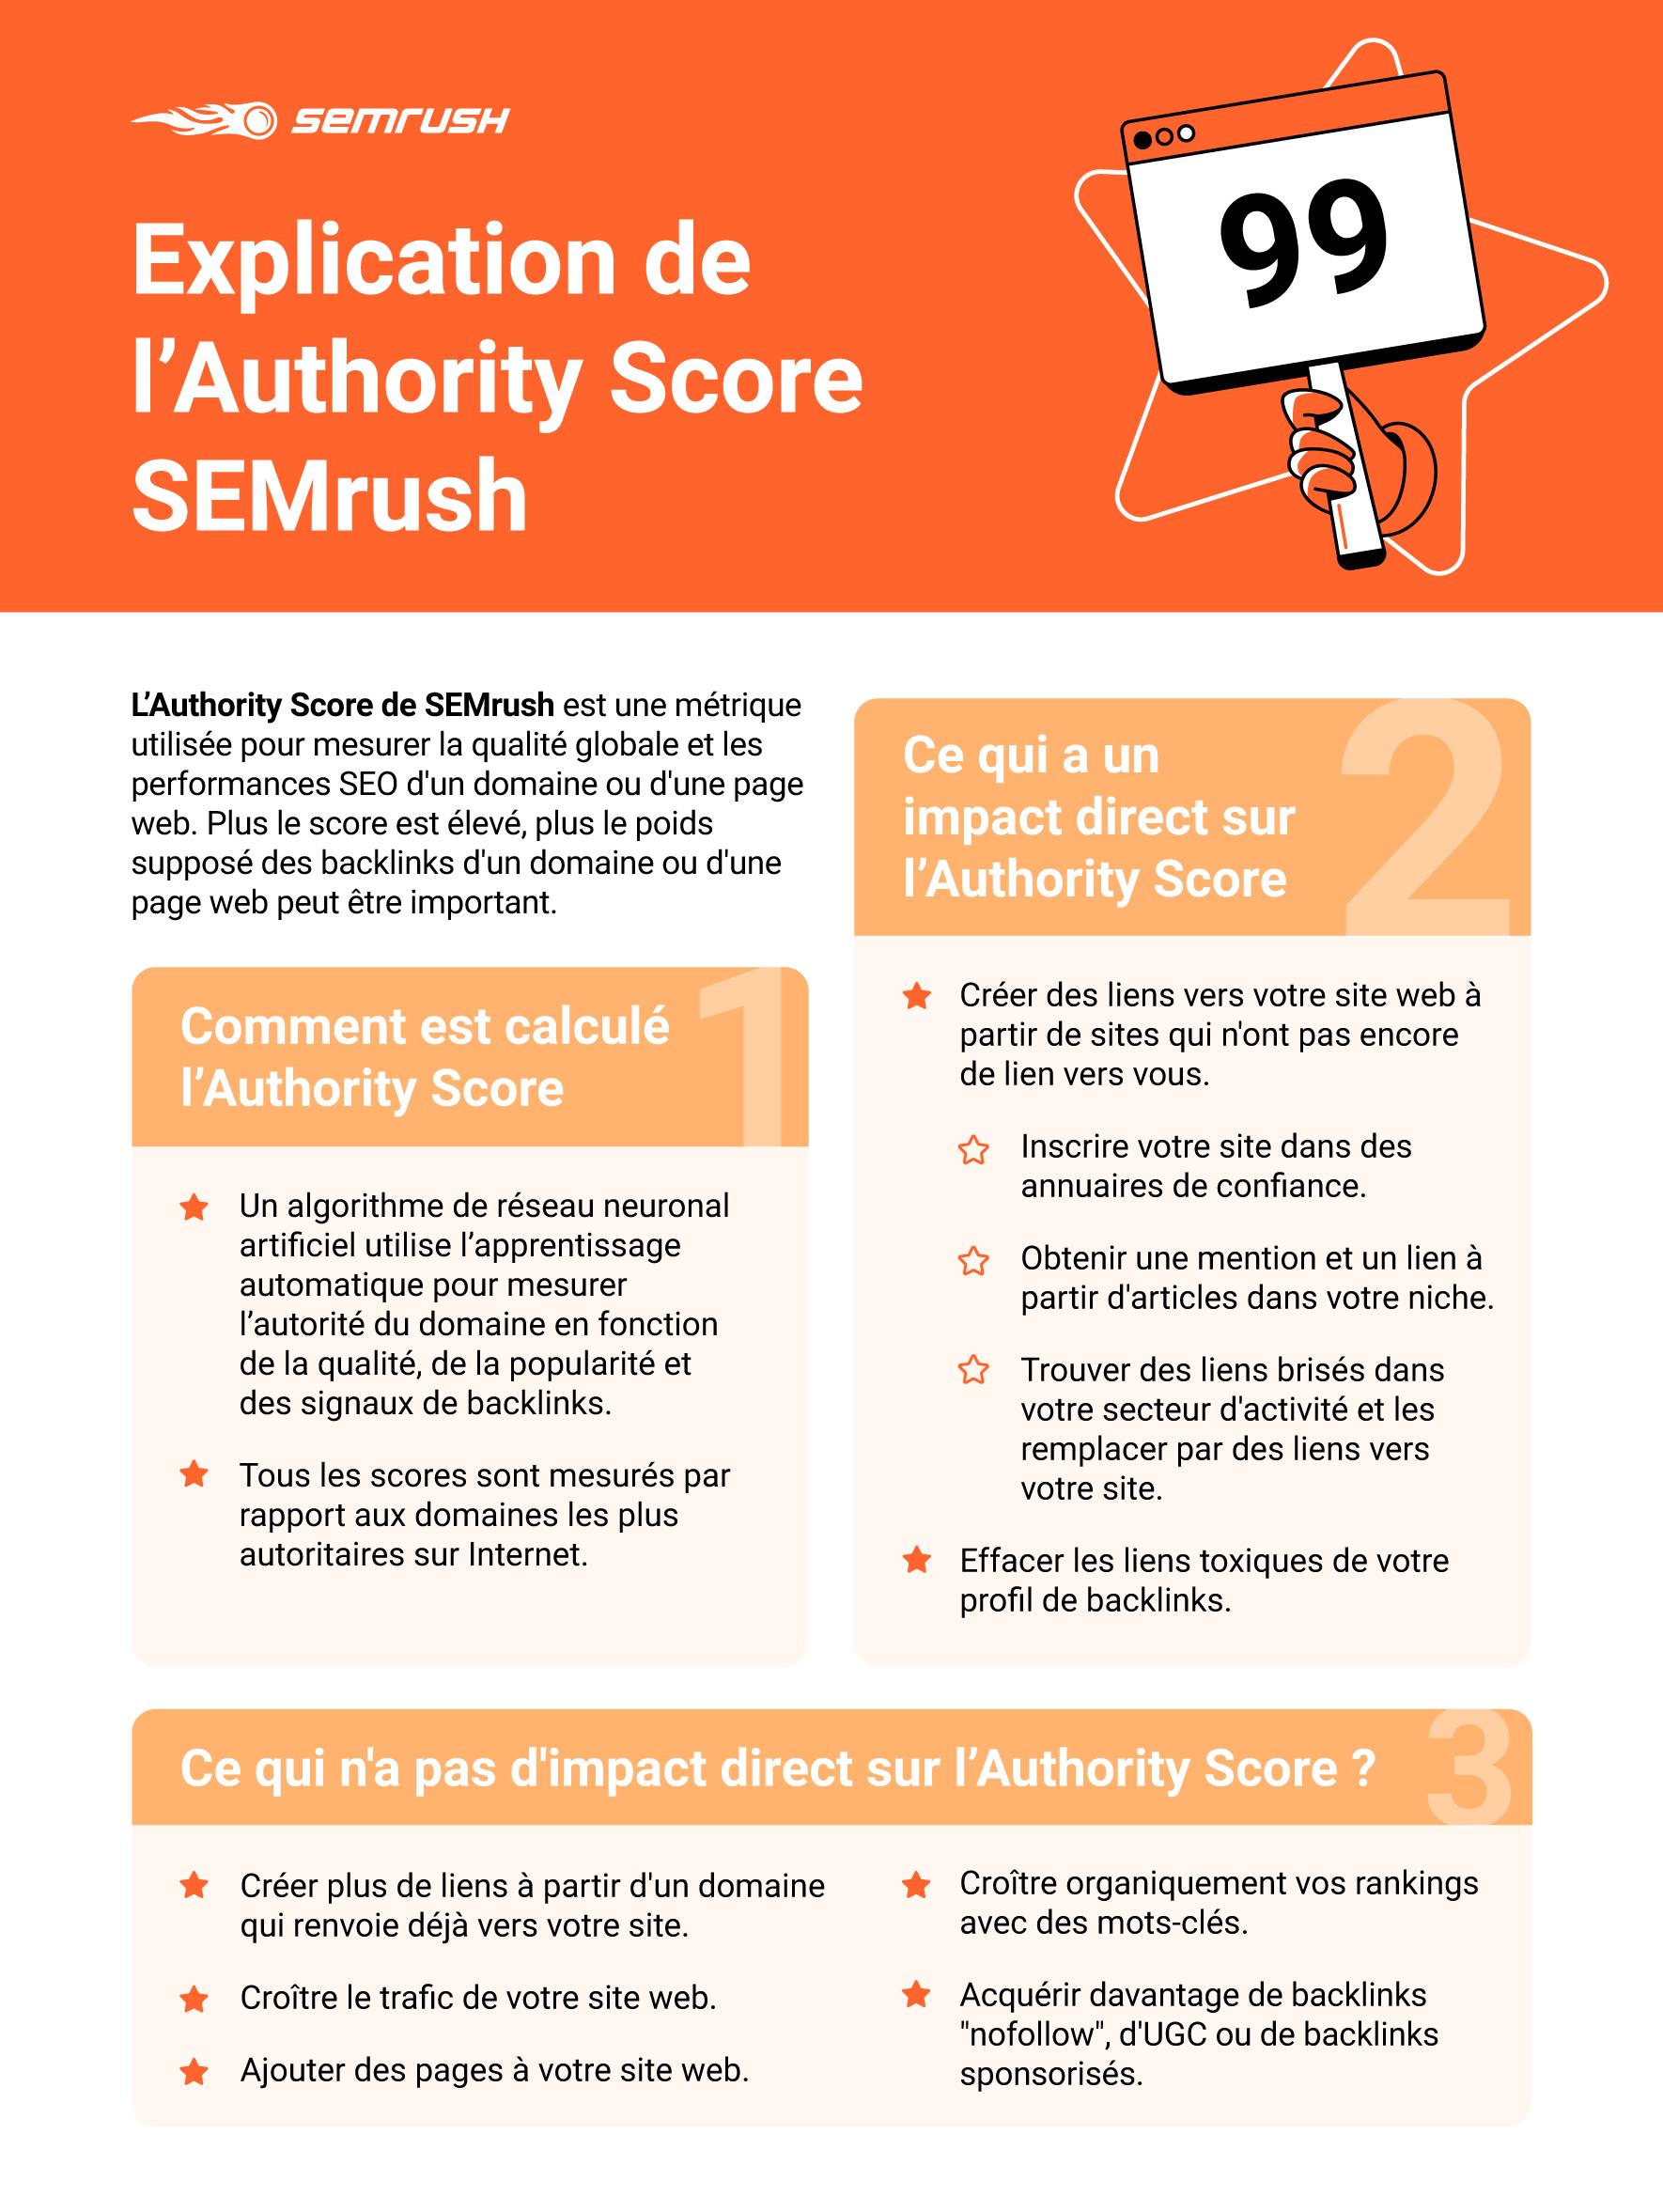 Explication de l'Authority Score SEMrush. Image 9